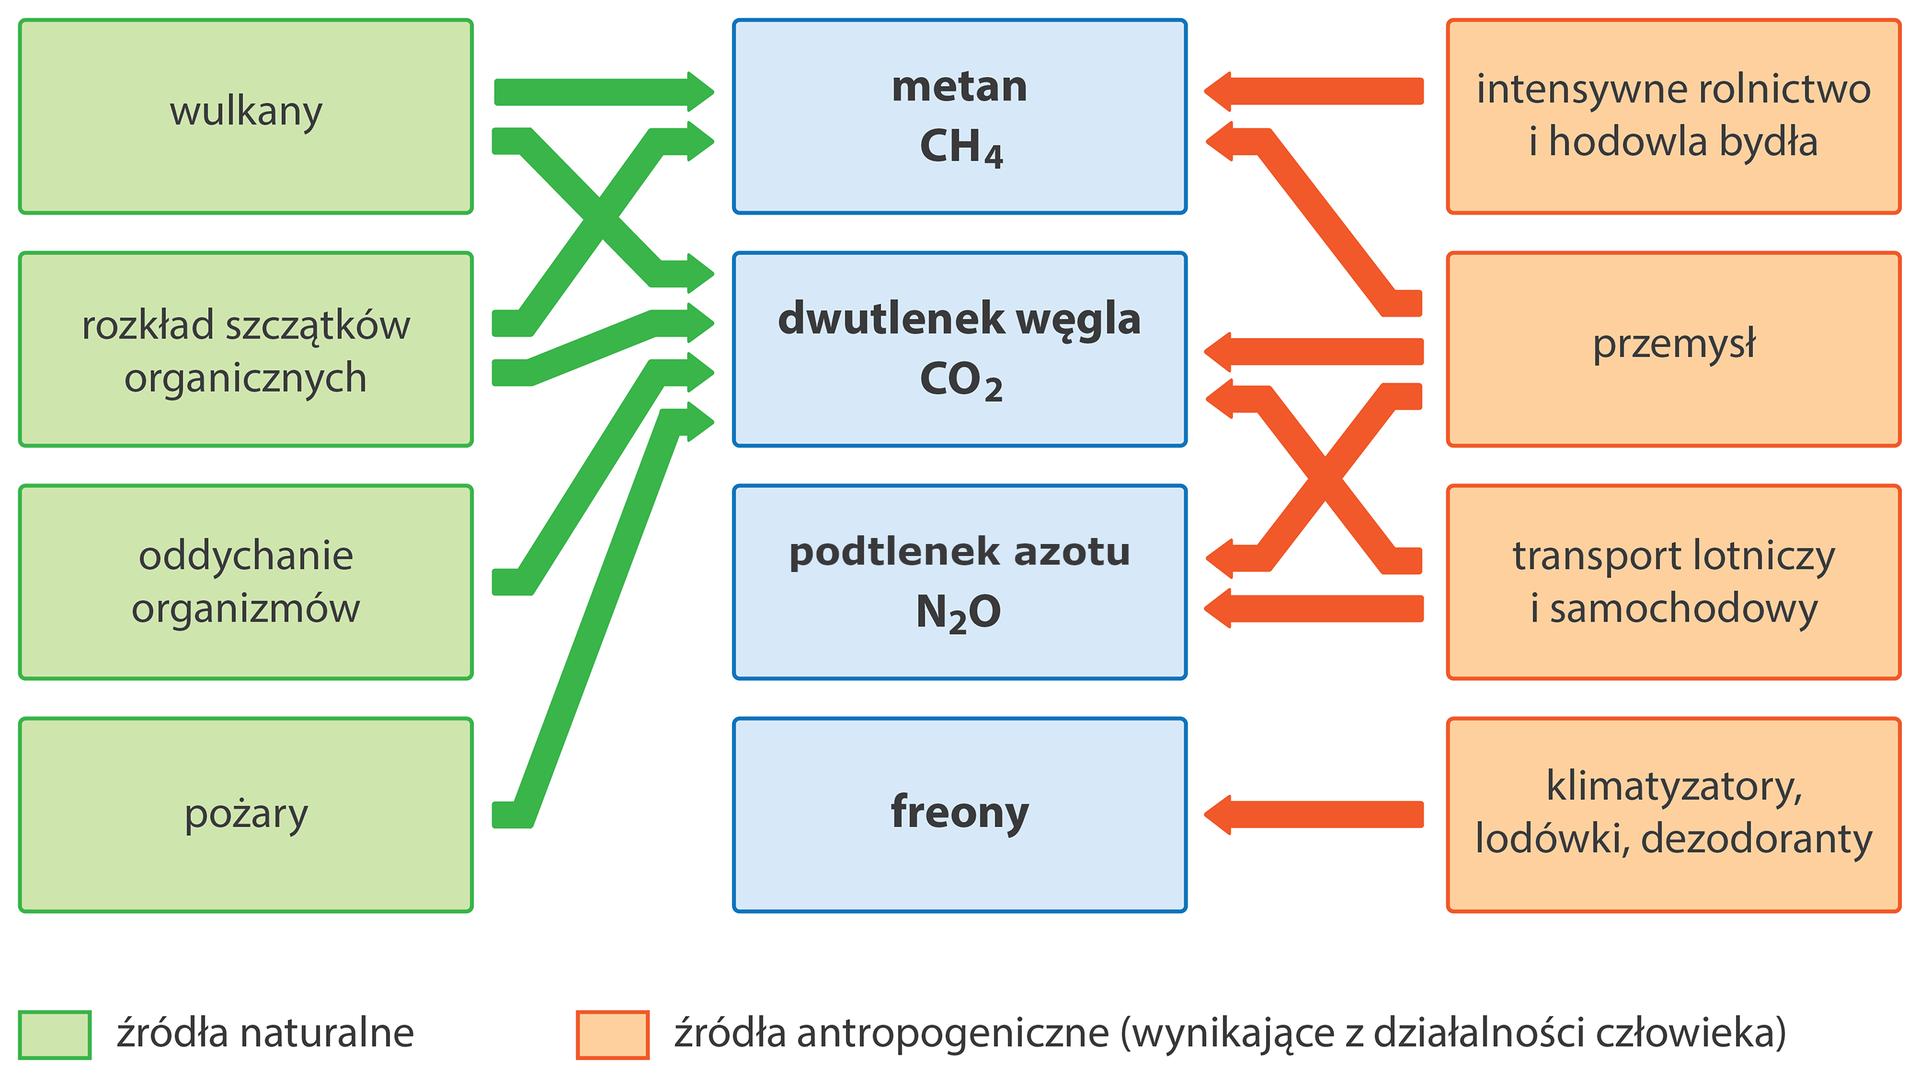 Naturalne źródła gazów to wulkany, rozkład szczątków organicznych, oddychanie organizmów, pożary. źródła antropogeniczne to rolnictwo ihodowla bydła, przemysł, transport, klimatyzatory.